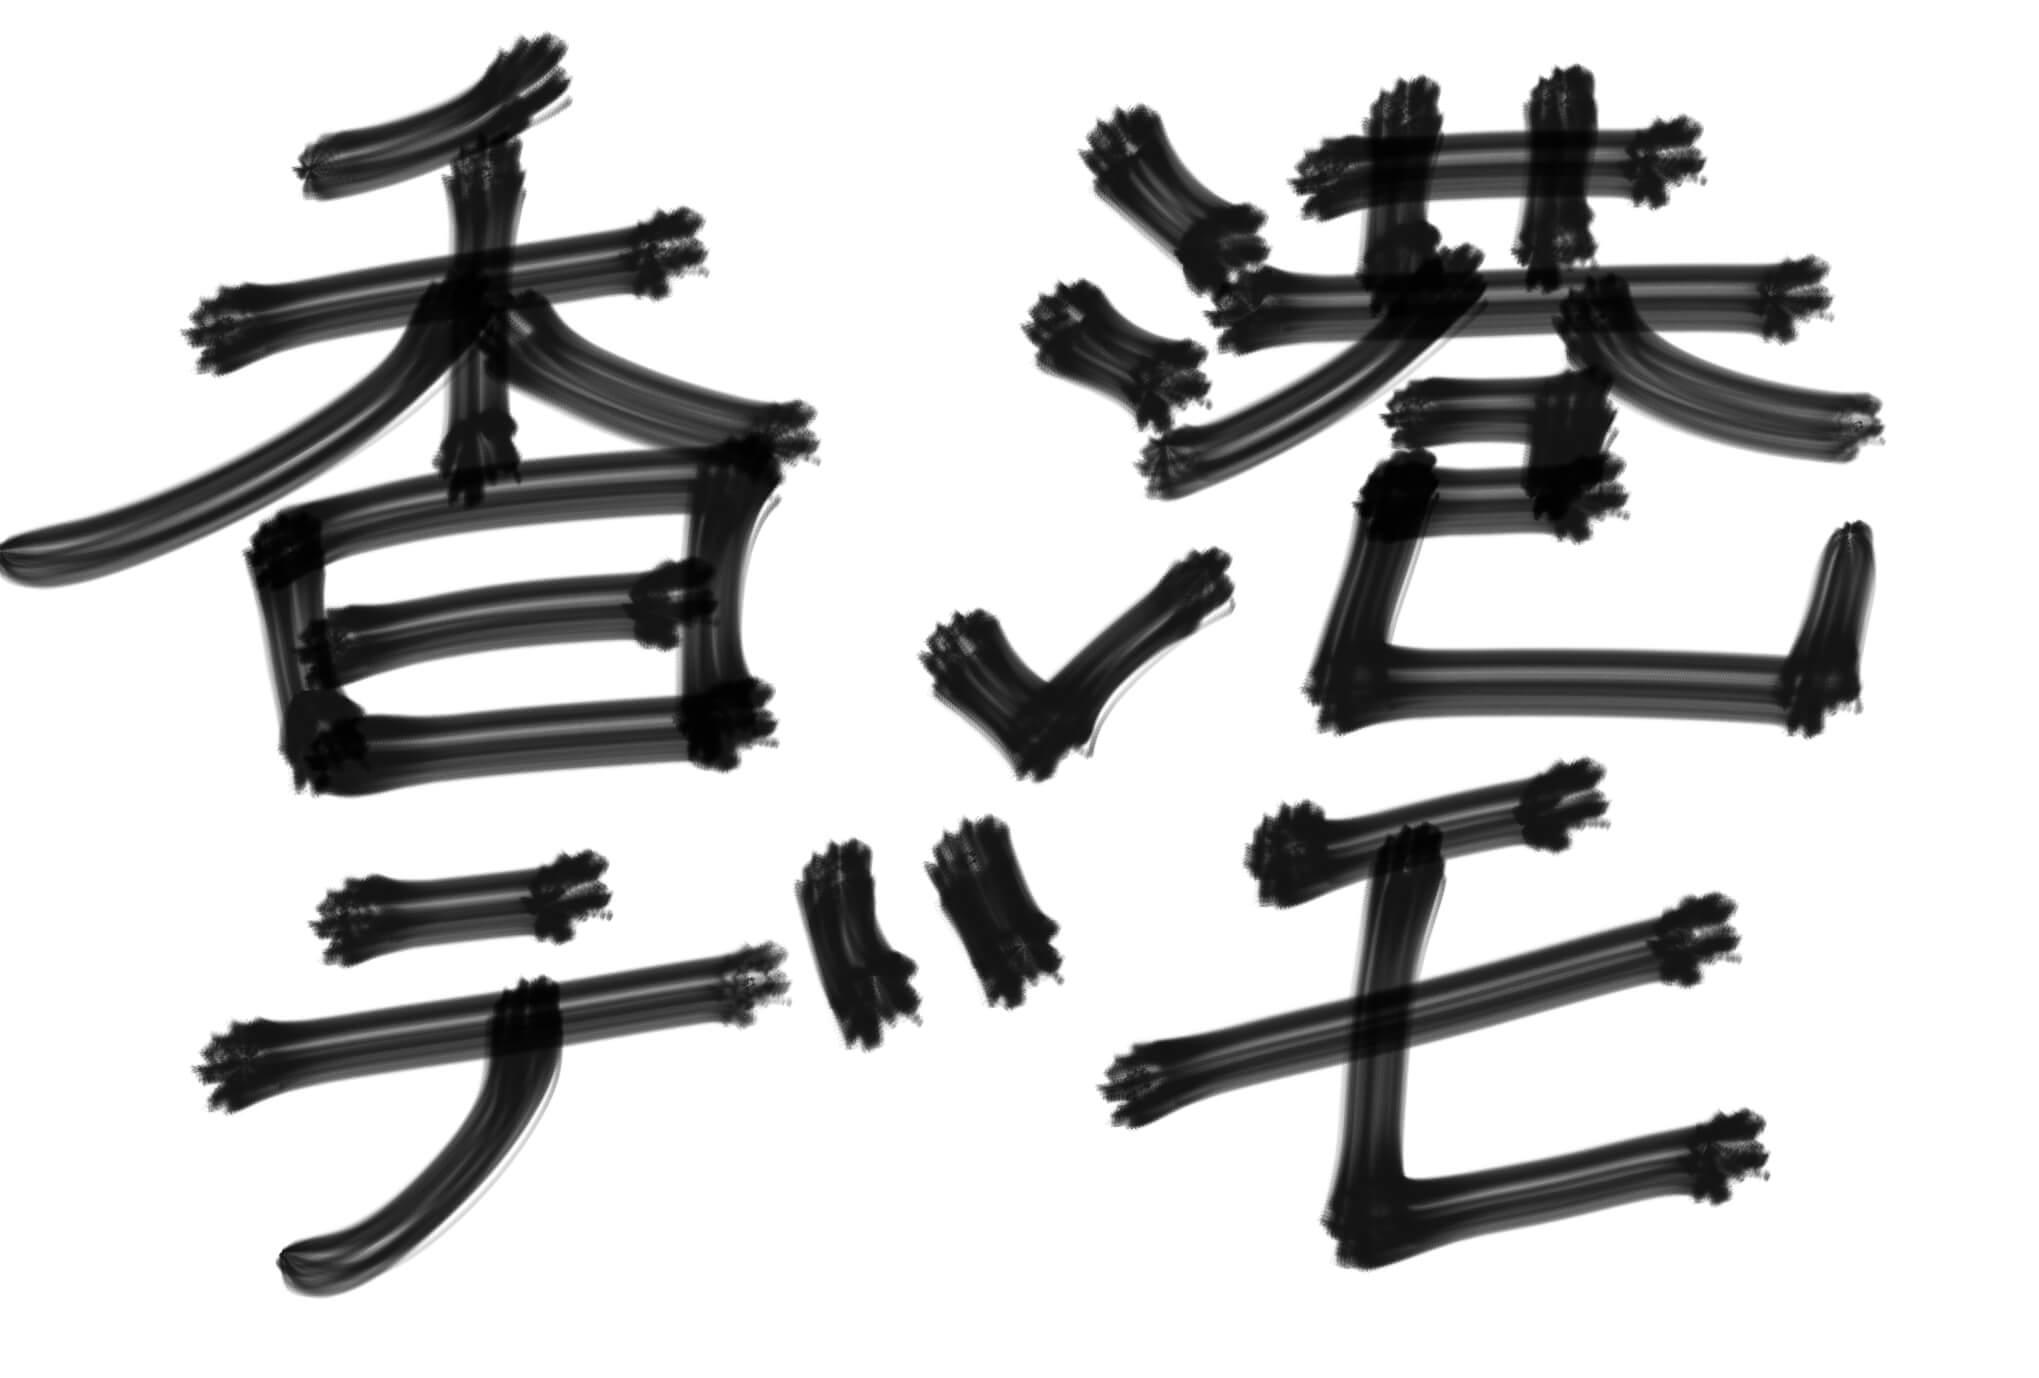 さんはん,詩人,社会,政治,言いたい放題,平和,反戦,自由,戦争反対,周庭,香港,香港デモ,逃亡犯条例,中国,林鄭月娥,